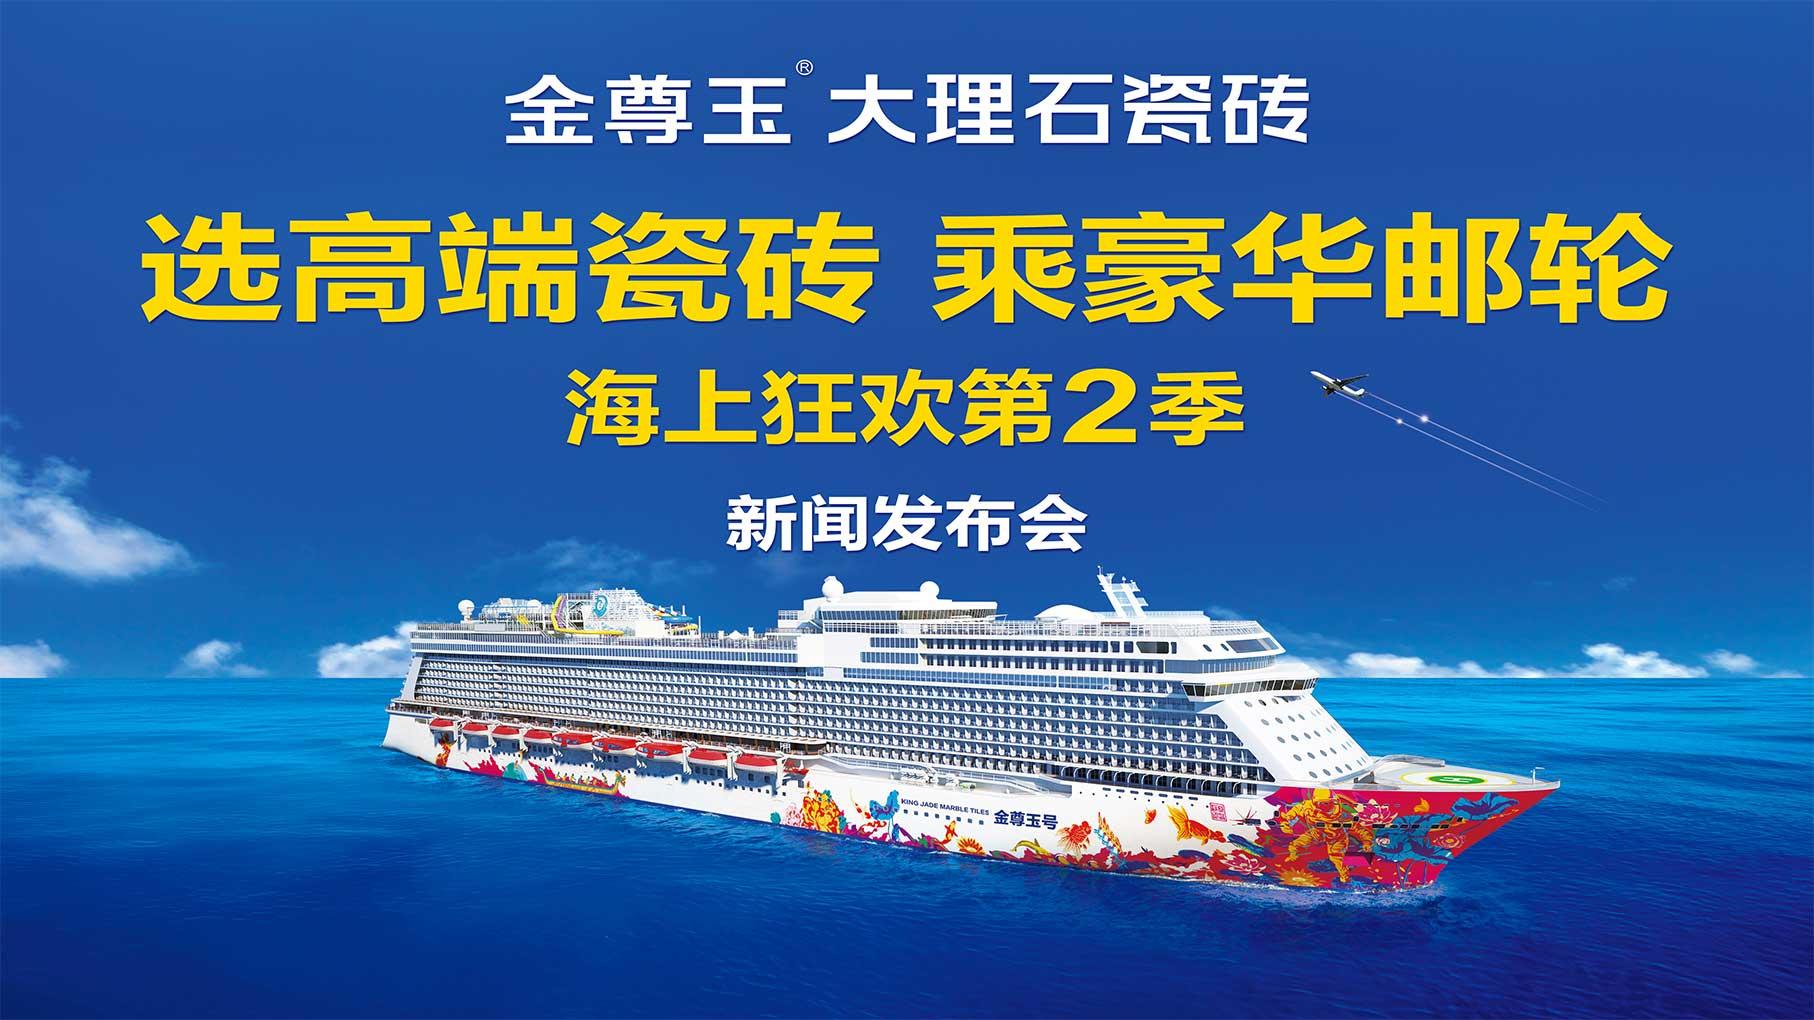 【在现场】2017年4月28日10:00金尊玉•大理石瓷砖海上狂欢第2季新闻发布会